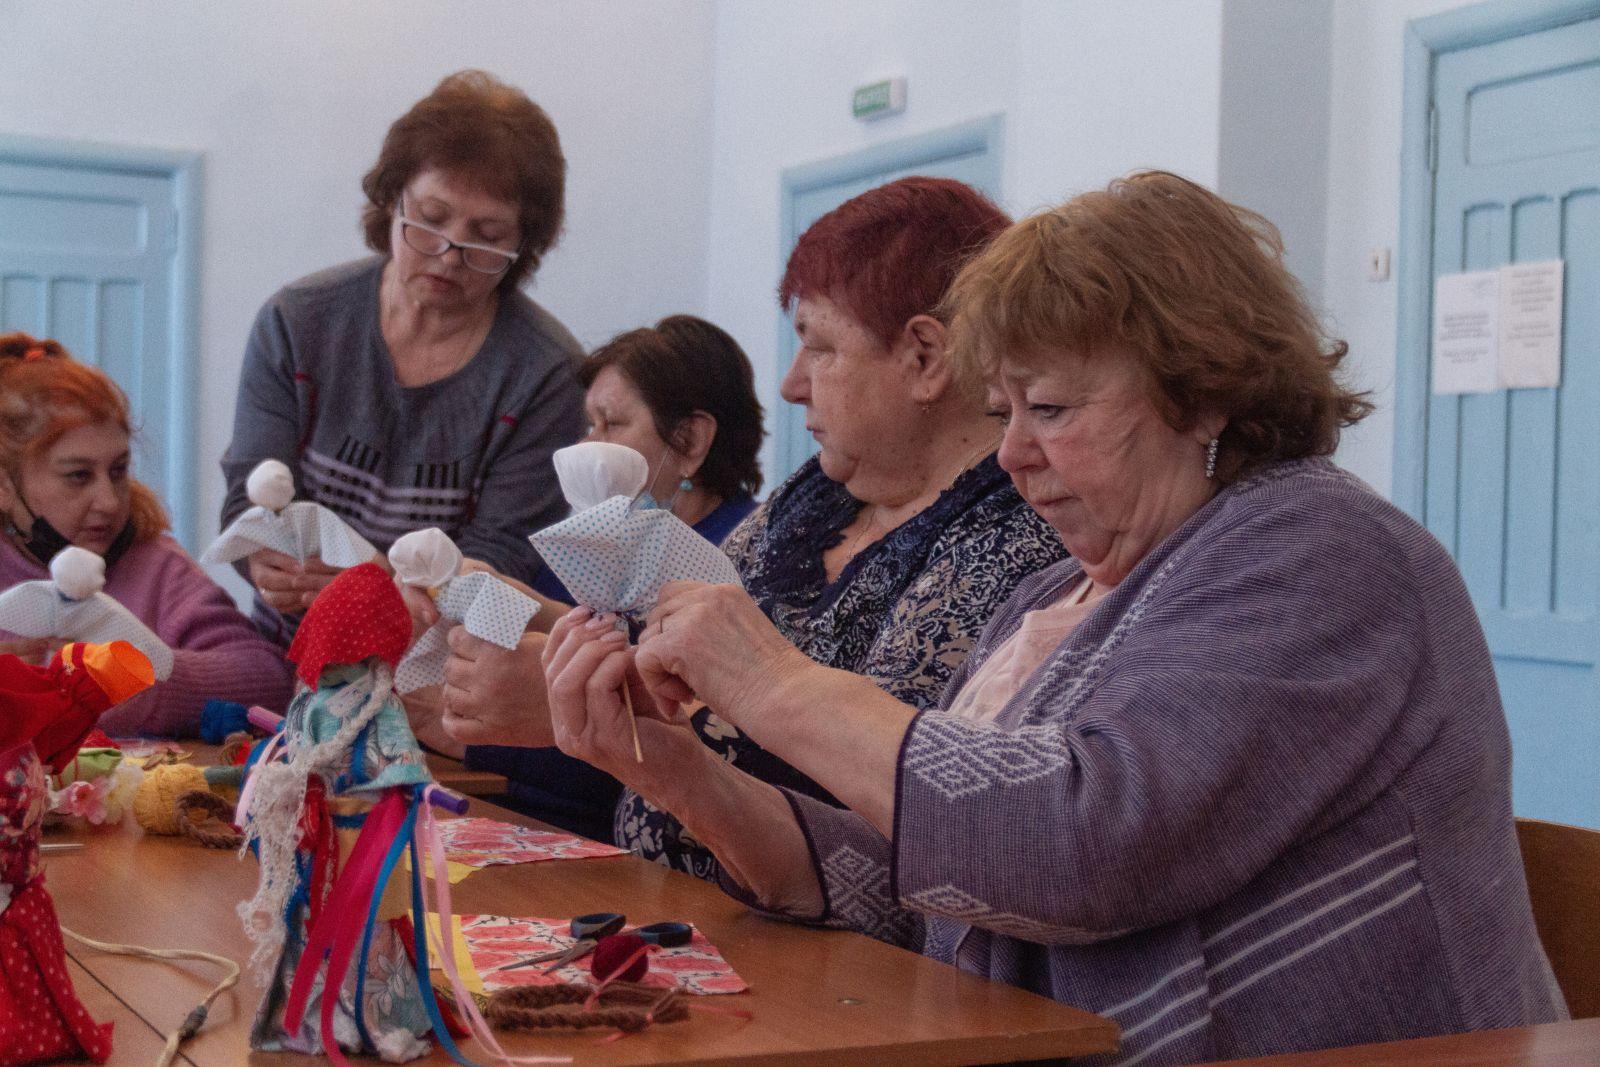 В городском округе Кашира возобновлены творческие занятия в рамках проекта Губернатора Московской области Активное долголетие в Подмосковье